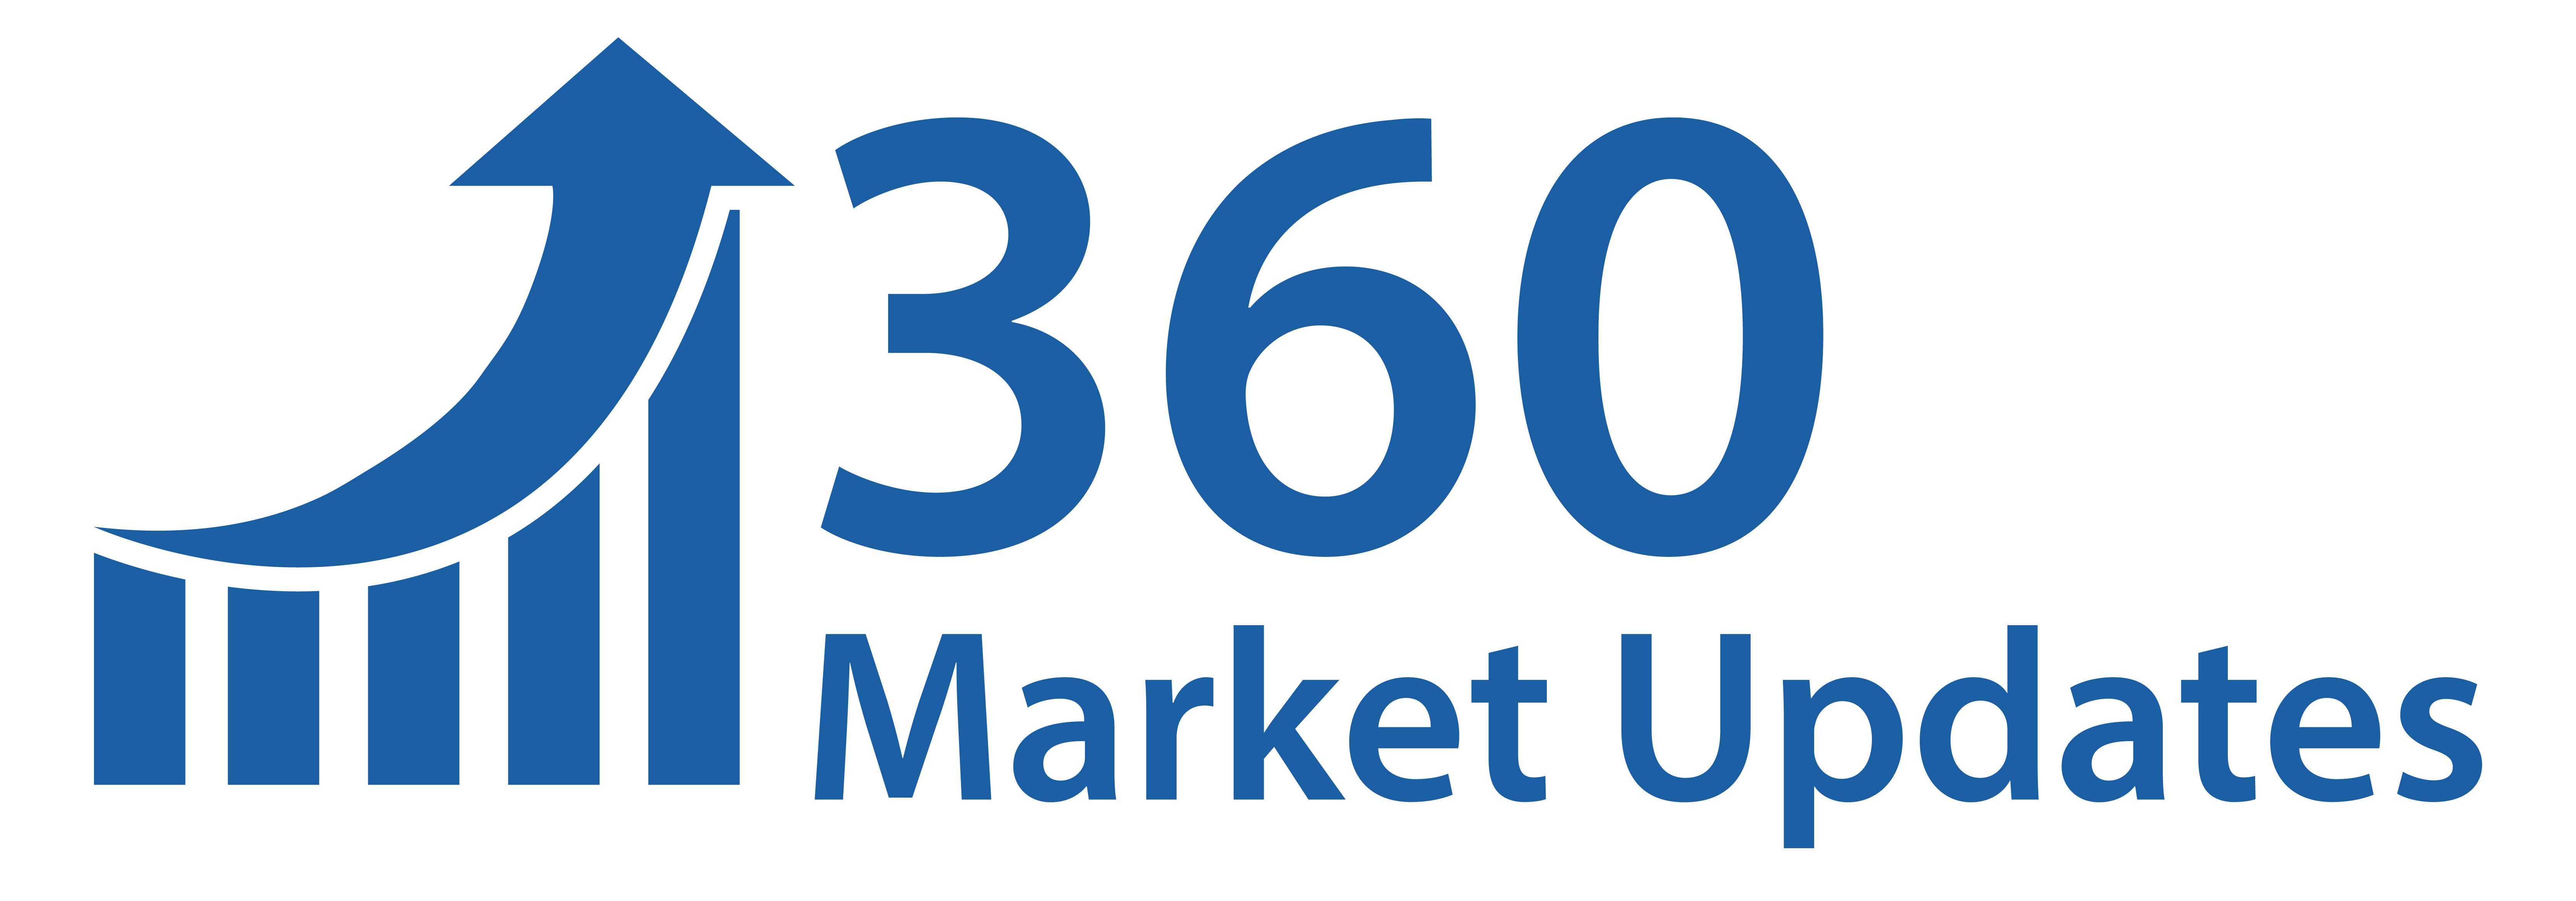 Land Mobile Wireless Systems Market 2019 – Branchennachfrage, Aktie, Größe, Zukunftstrends Pläne, Wachstumschancen, Schlüsselakteure, Anwendung, Nachfrage, Branchenforschungsbericht von Regional Forecast to 2025